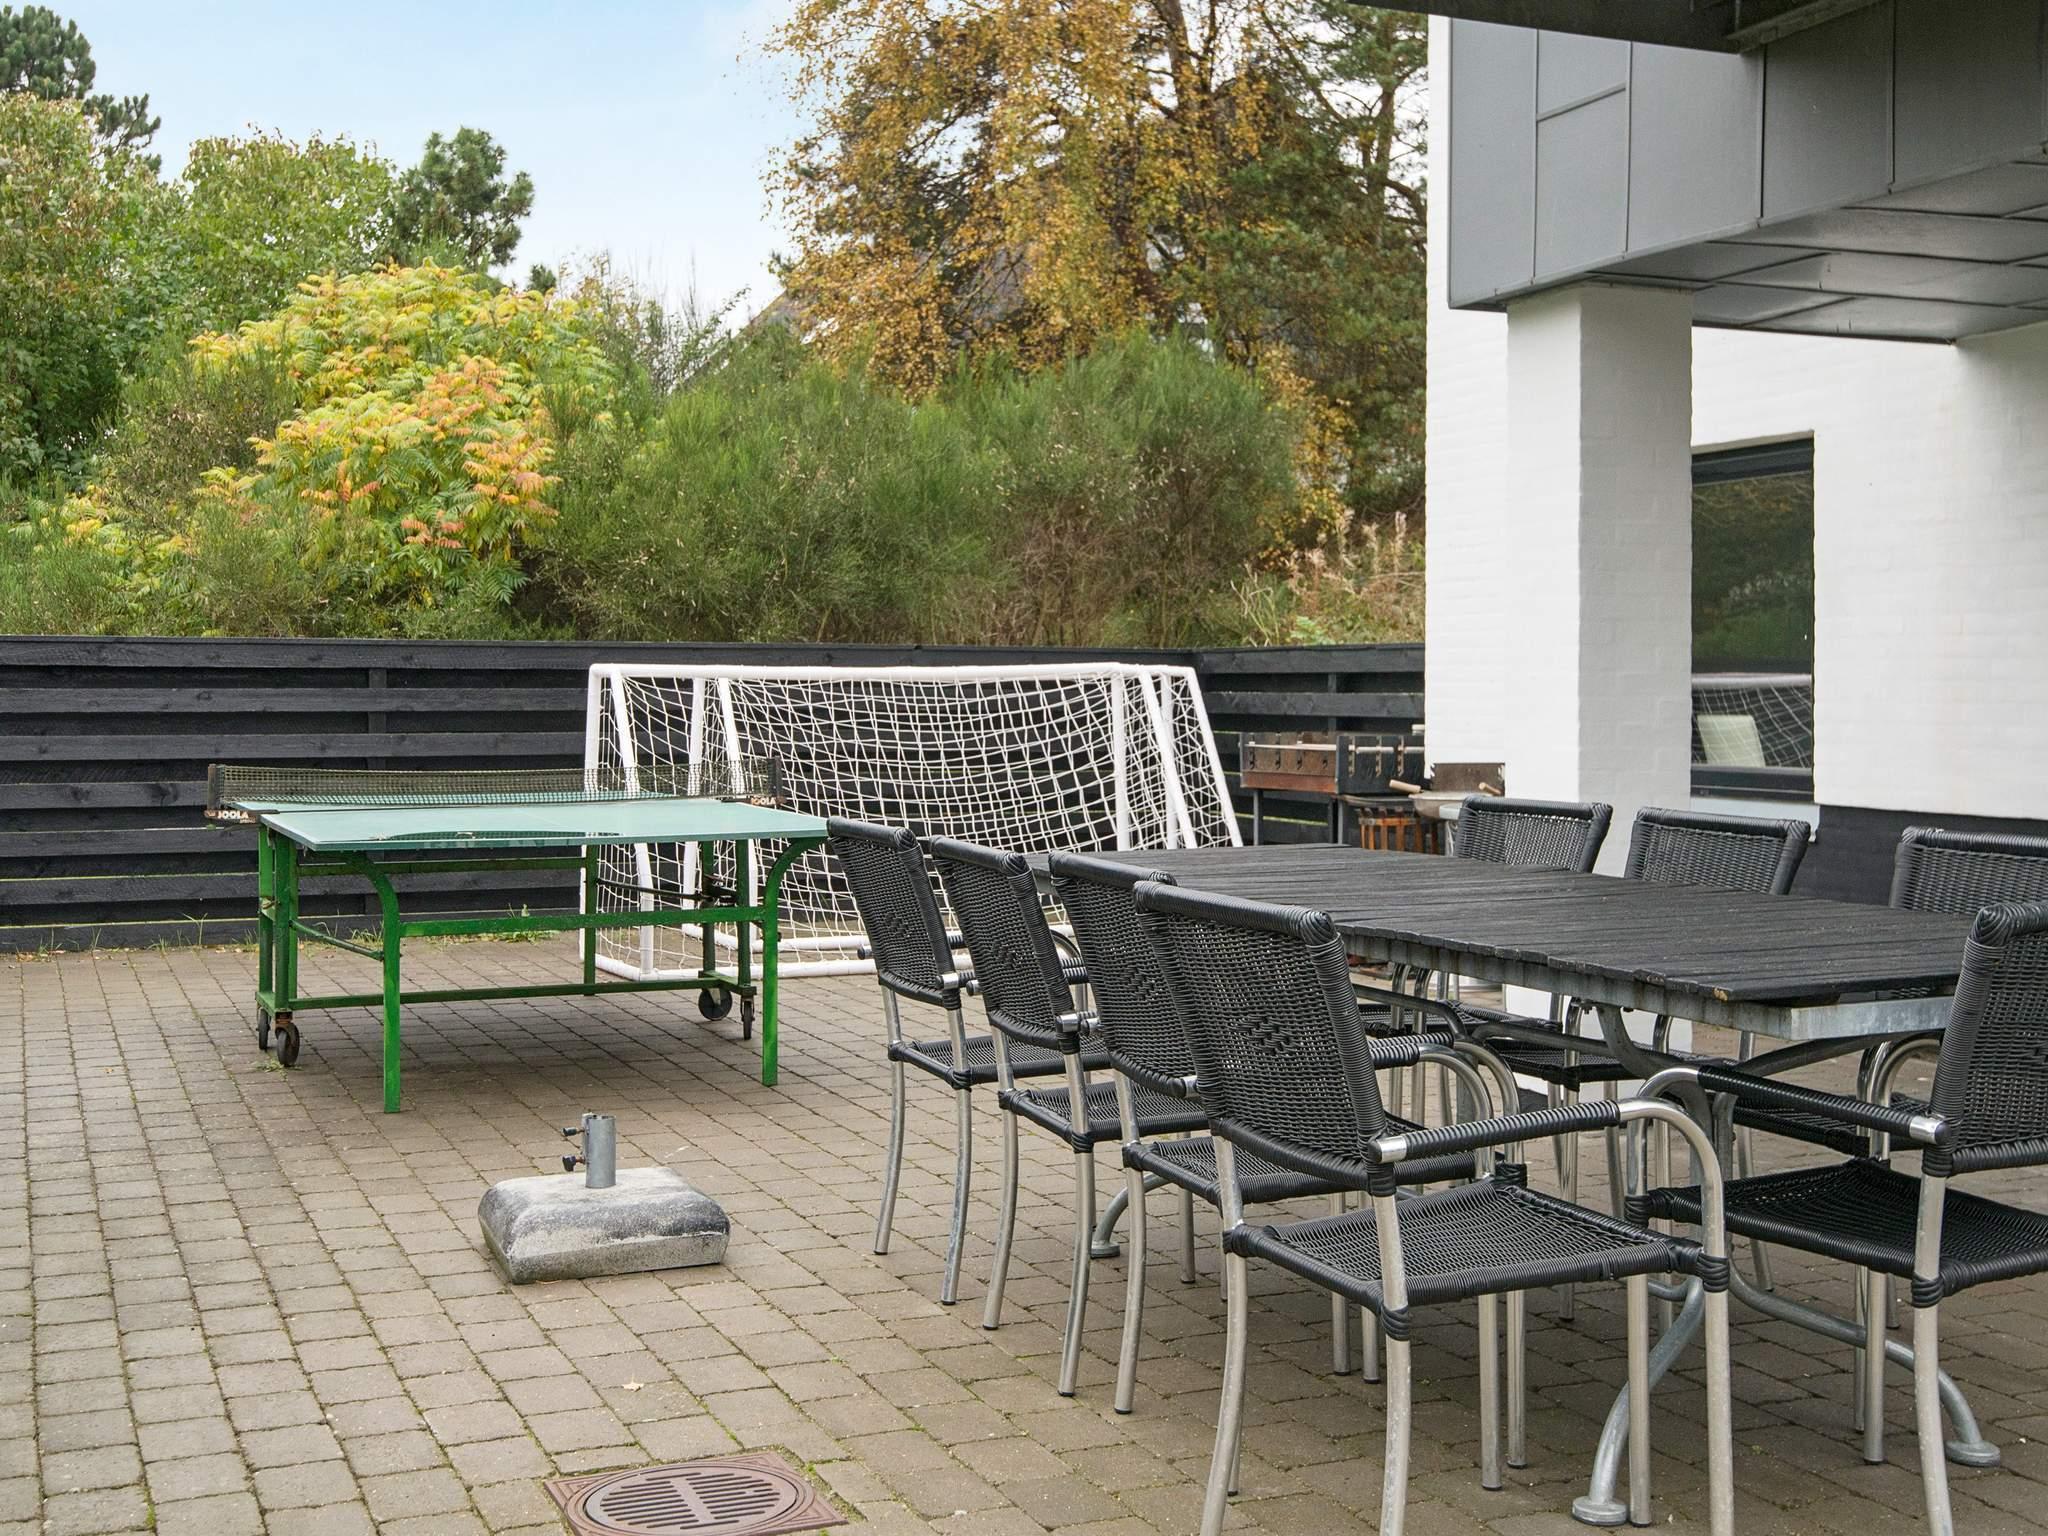 Ferienhaus Bønnerup Strand (493428), Bønnerup, , Ostjütland, Dänemark, Bild 11